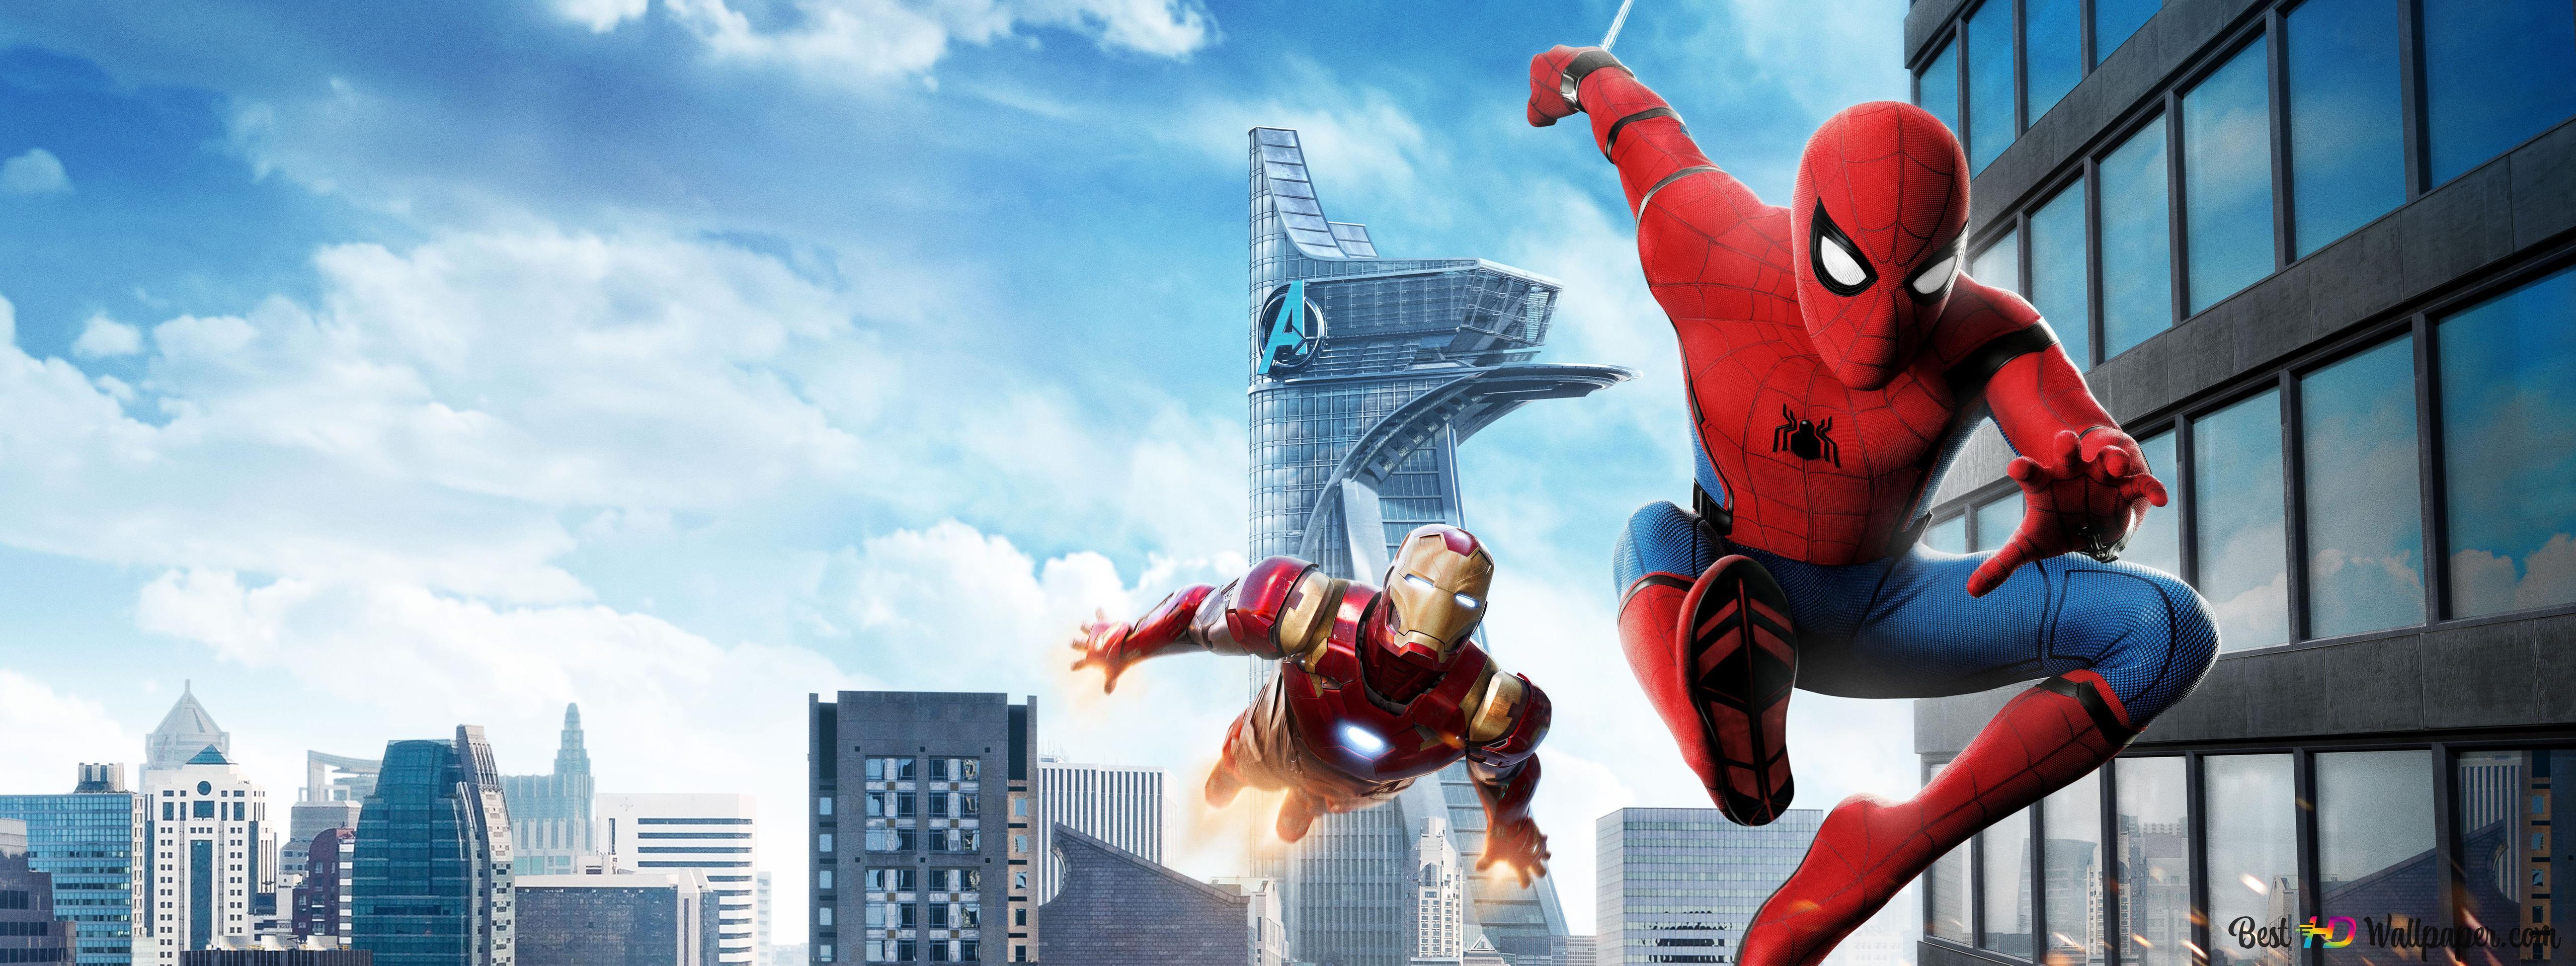 Iron Man Chasing Spider Man Hd Wallpaper Download